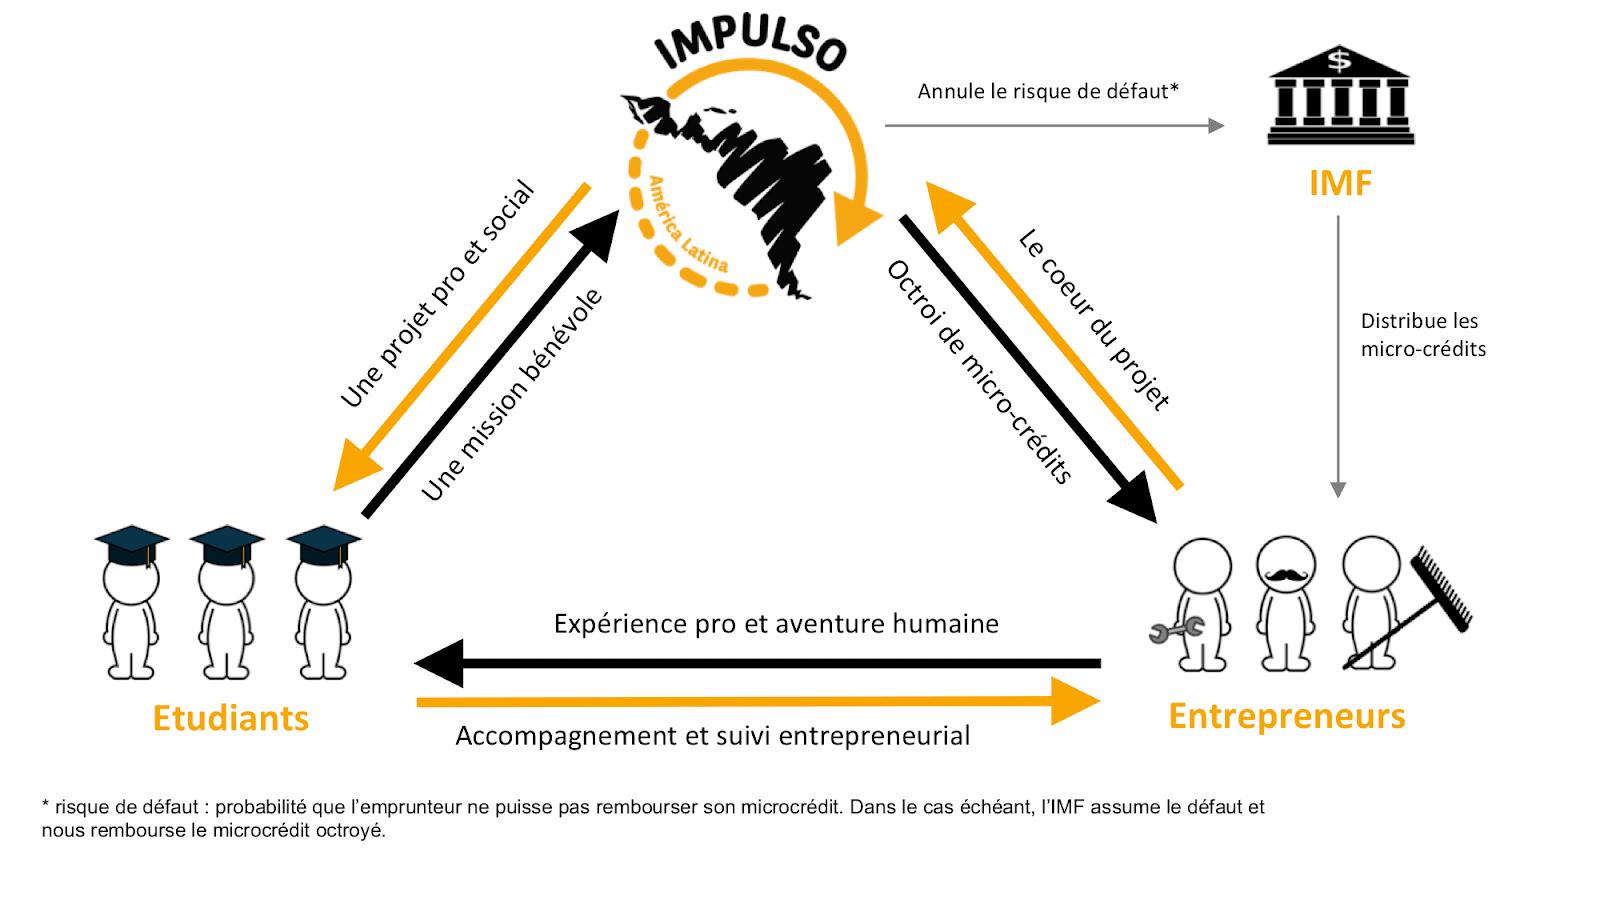 https://i1.wp.com/www.impulso-al.org/wp-content/uploads/2018/02/Graph-Impulso.png?fit=2000%2C1125&ssl=1